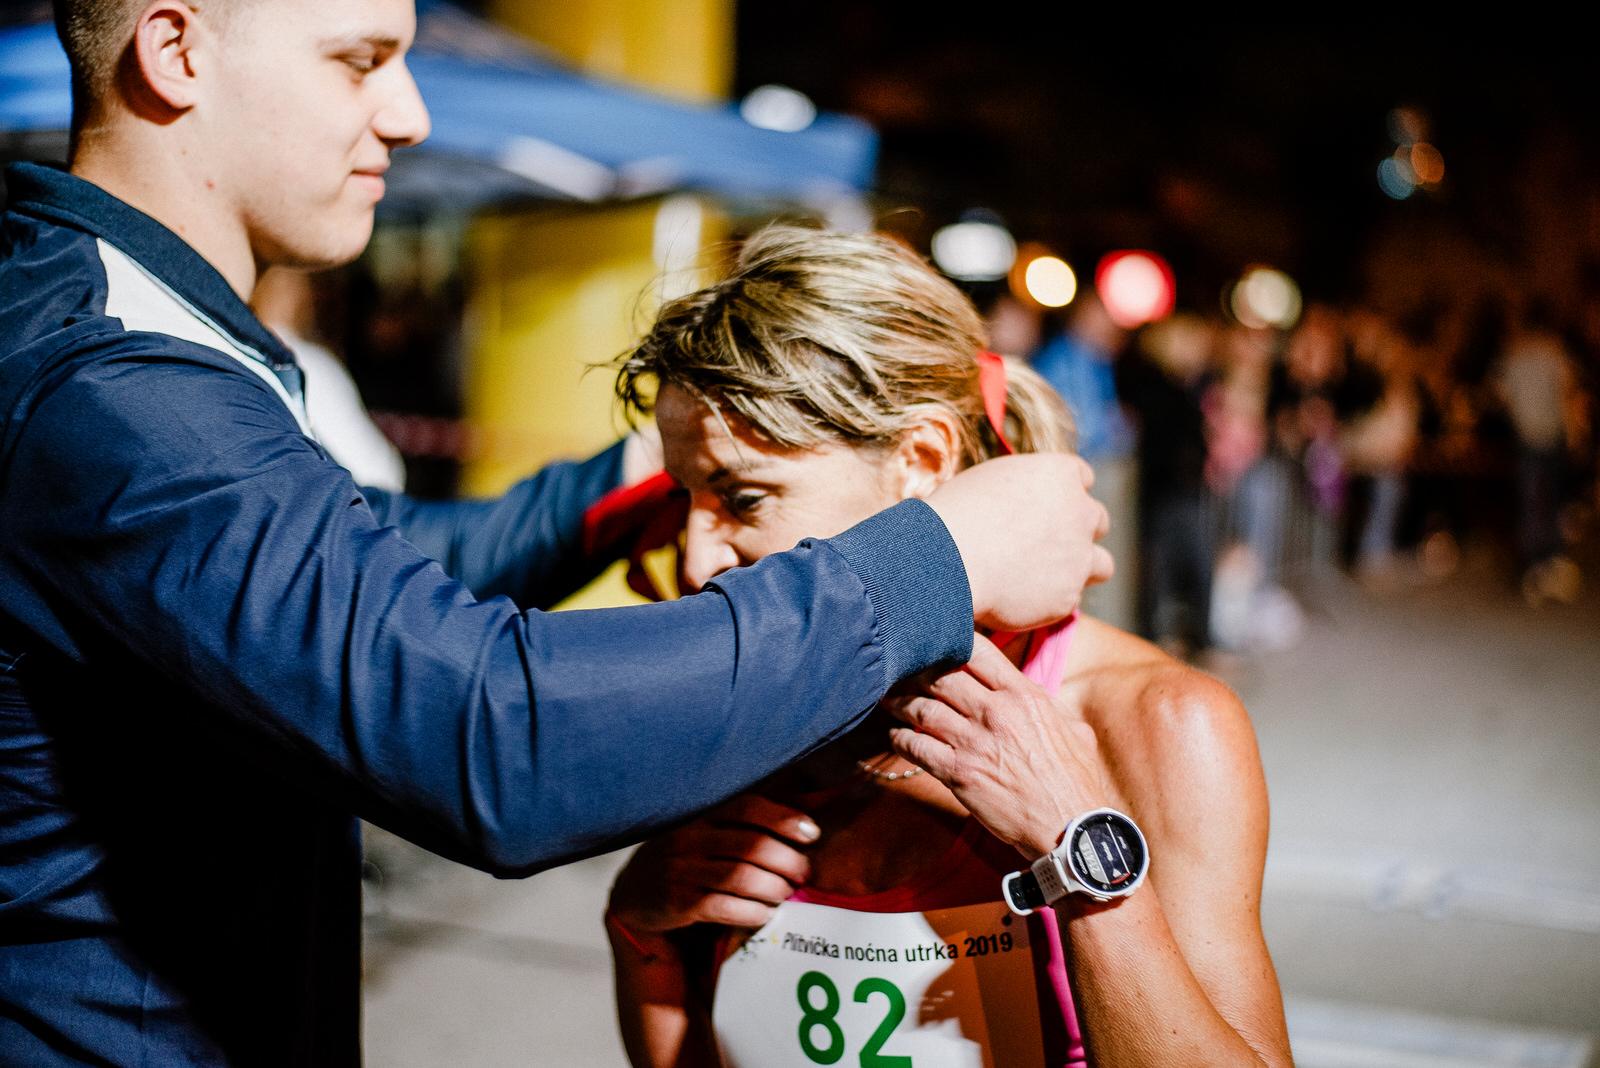 likaclub_korenica_noćna-utrka-2019-40